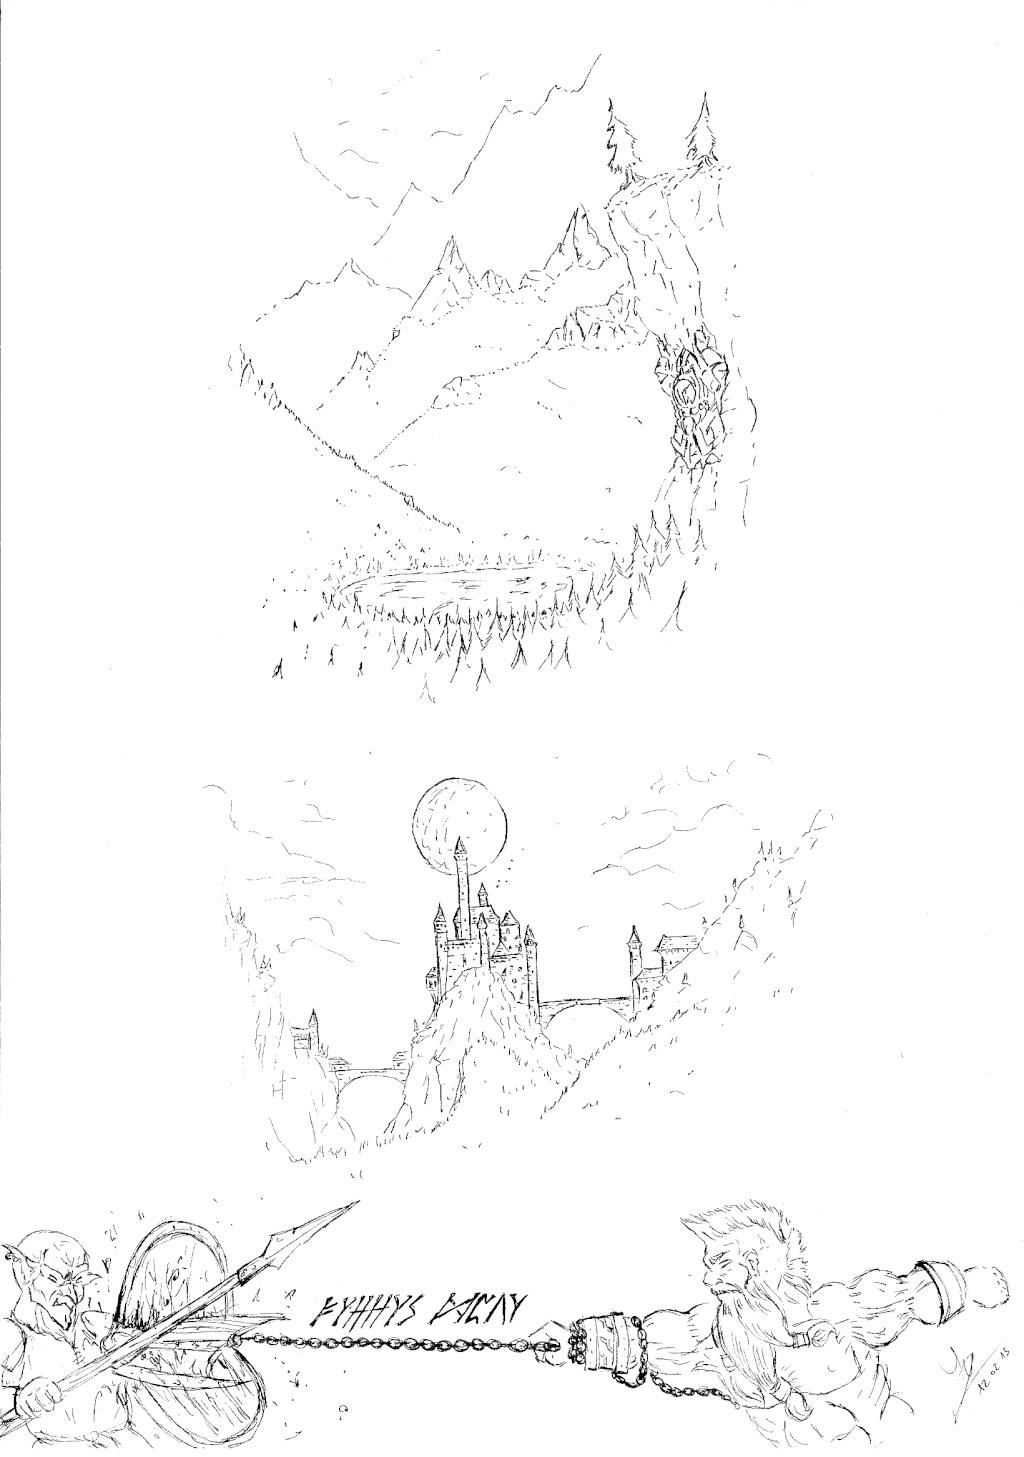 Les dessins de Gromdal - Page 3 Divers10